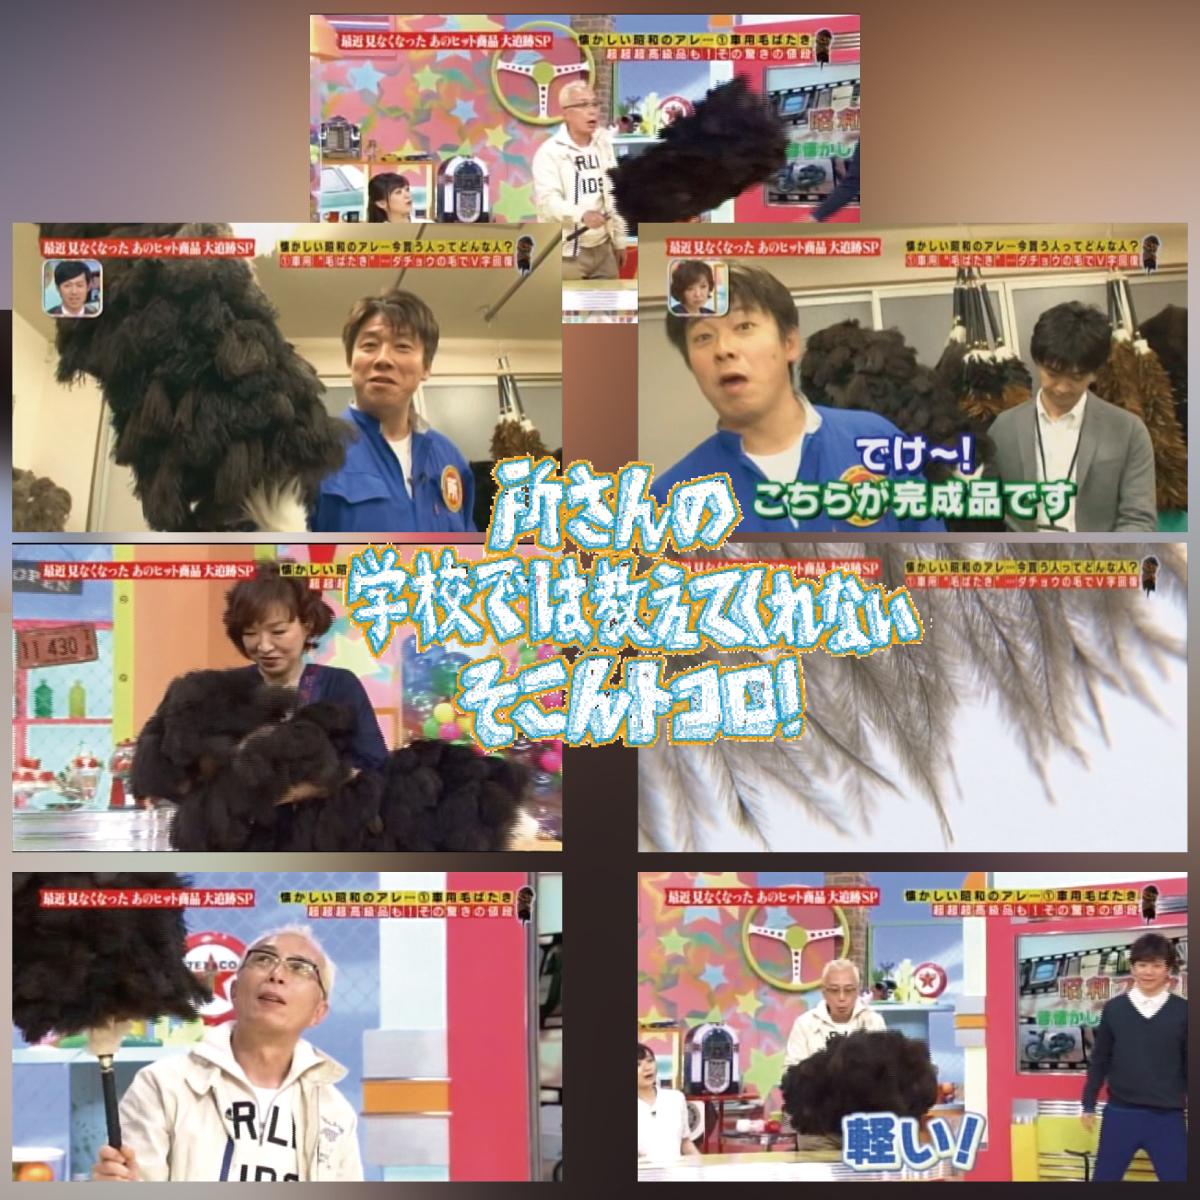 松本羽毛合同会社毛ばたき+「テレビ東京 所さんの学校では教えてくれないそこんトコロ!」